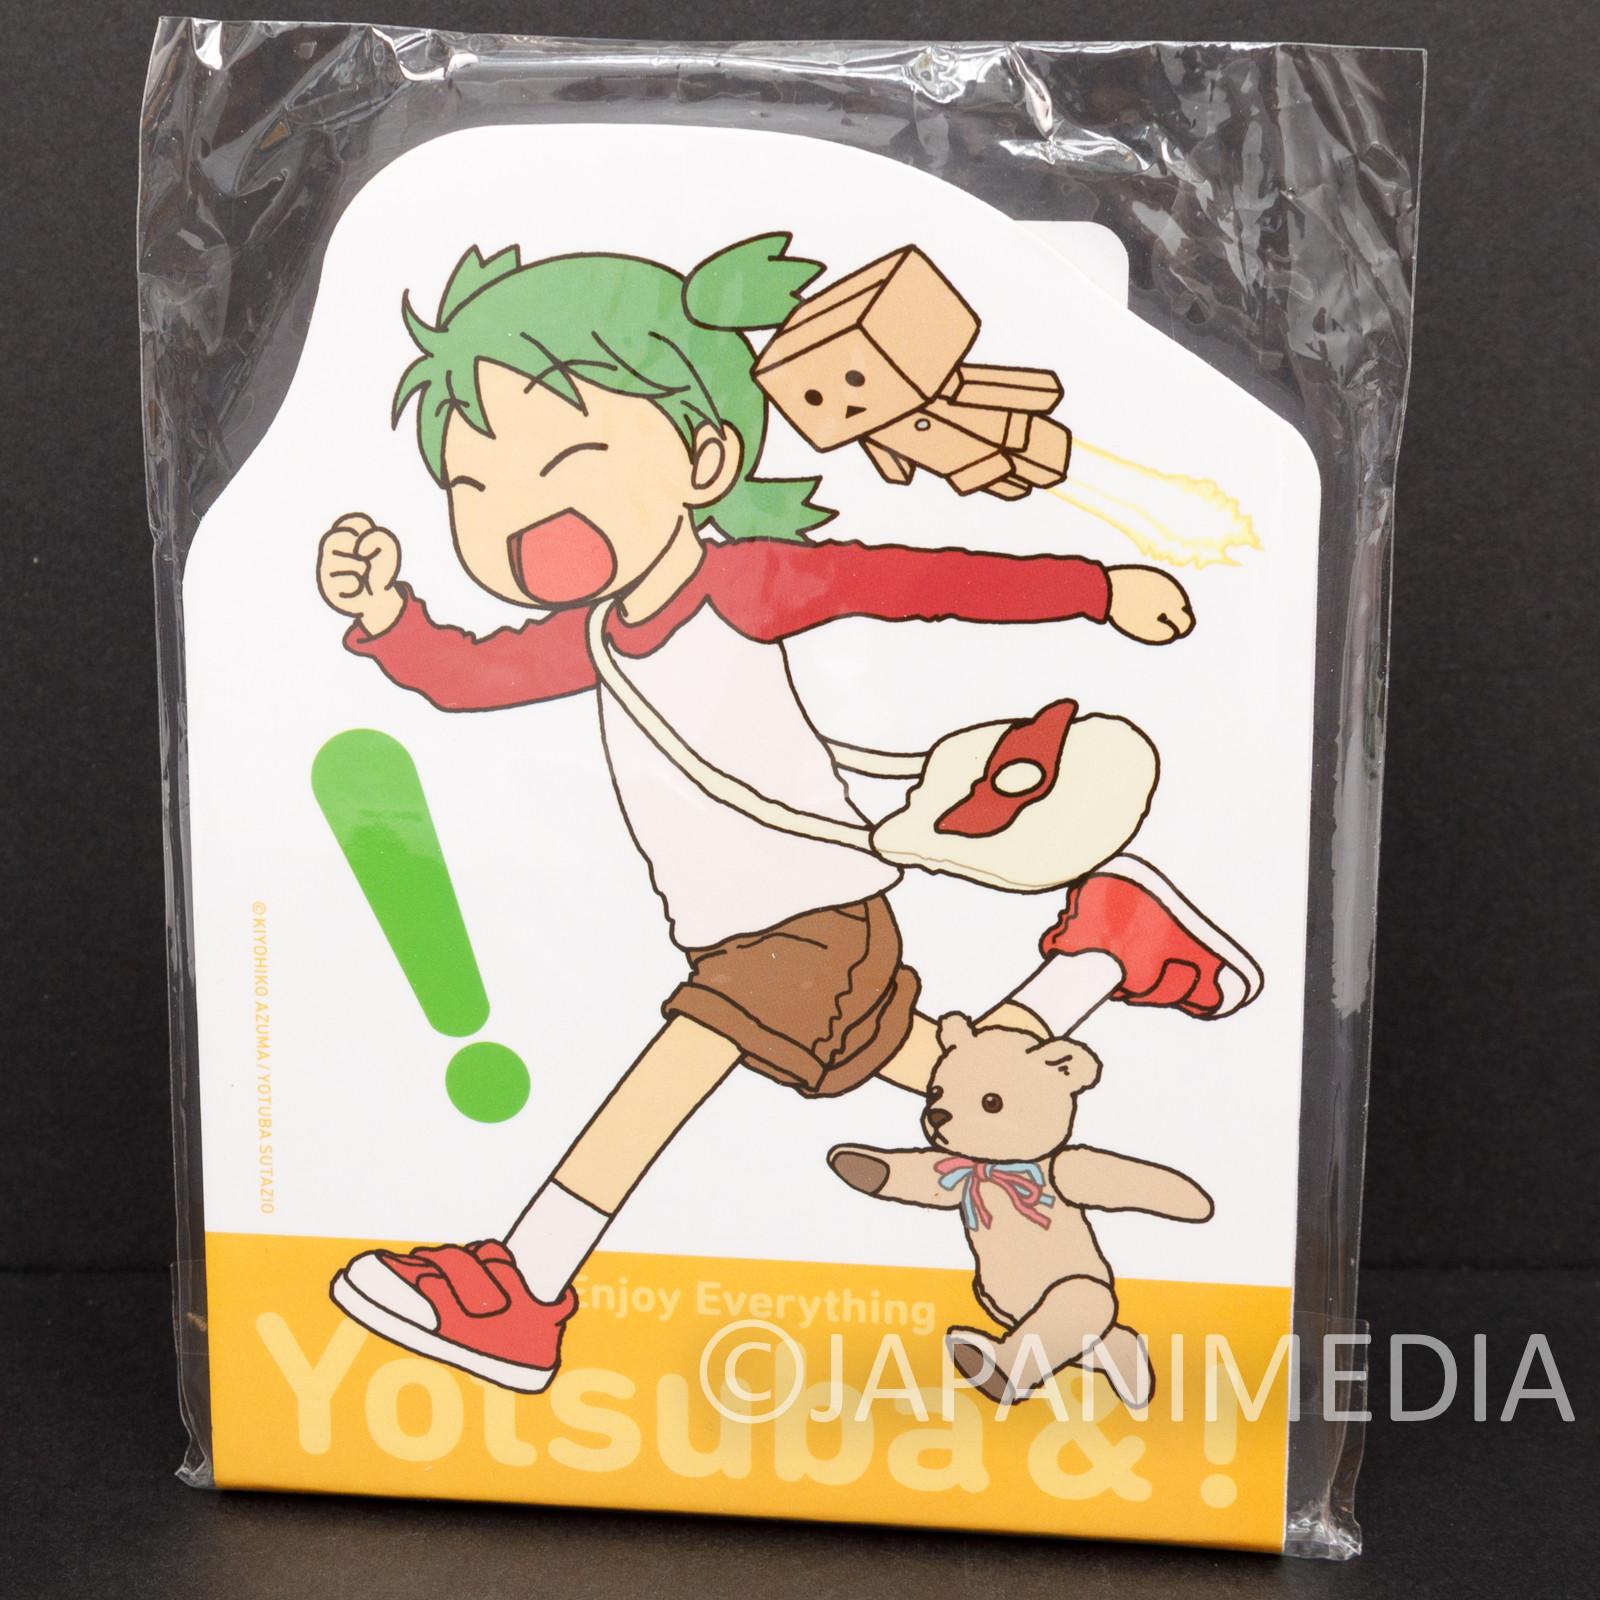 Yotsuba& Yotsuba Memo Pad #1 TAITO JAPAN ANIME